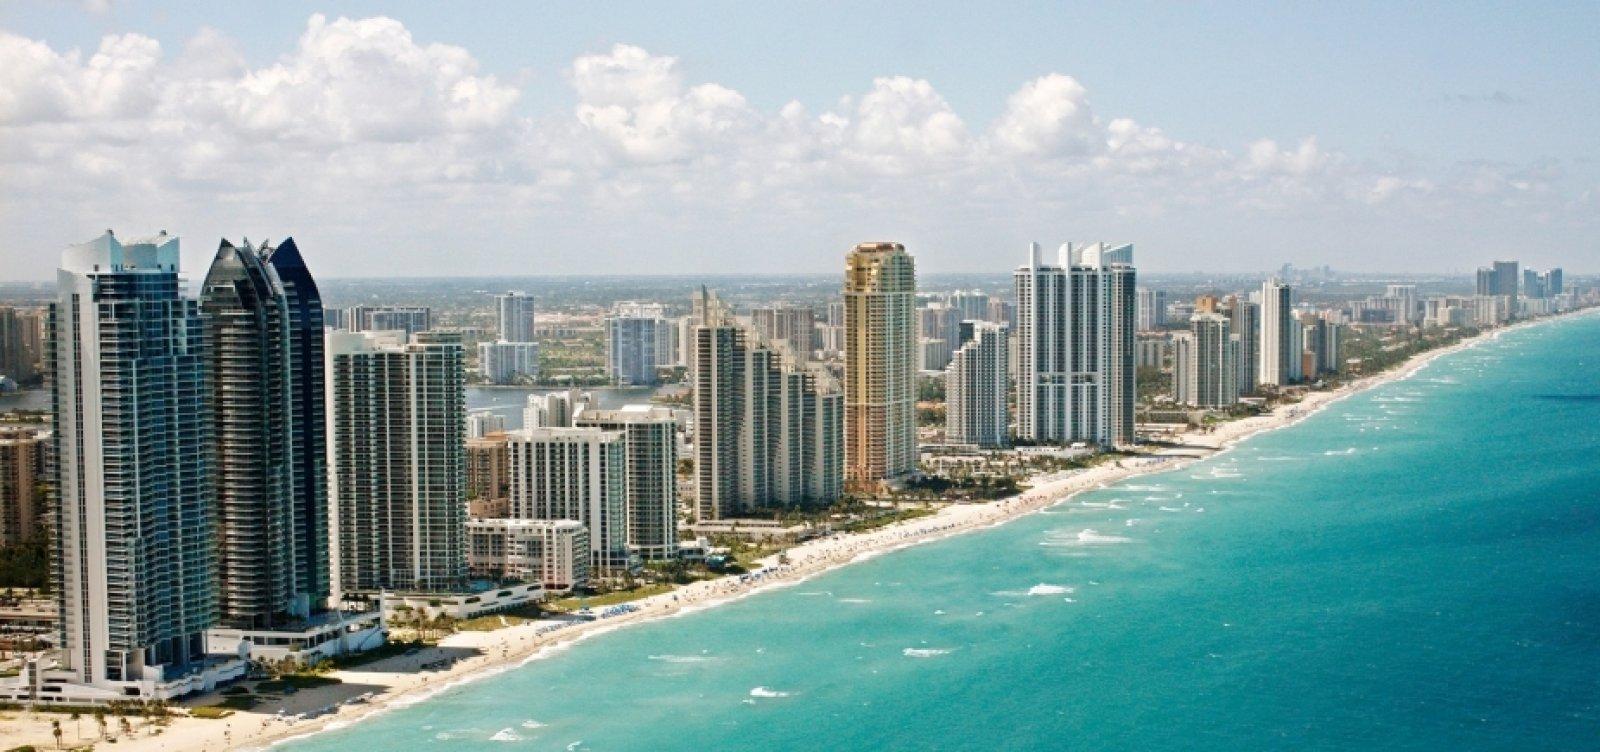 Em Miami vacina contra Covid-19 será oferecida em aeroporto